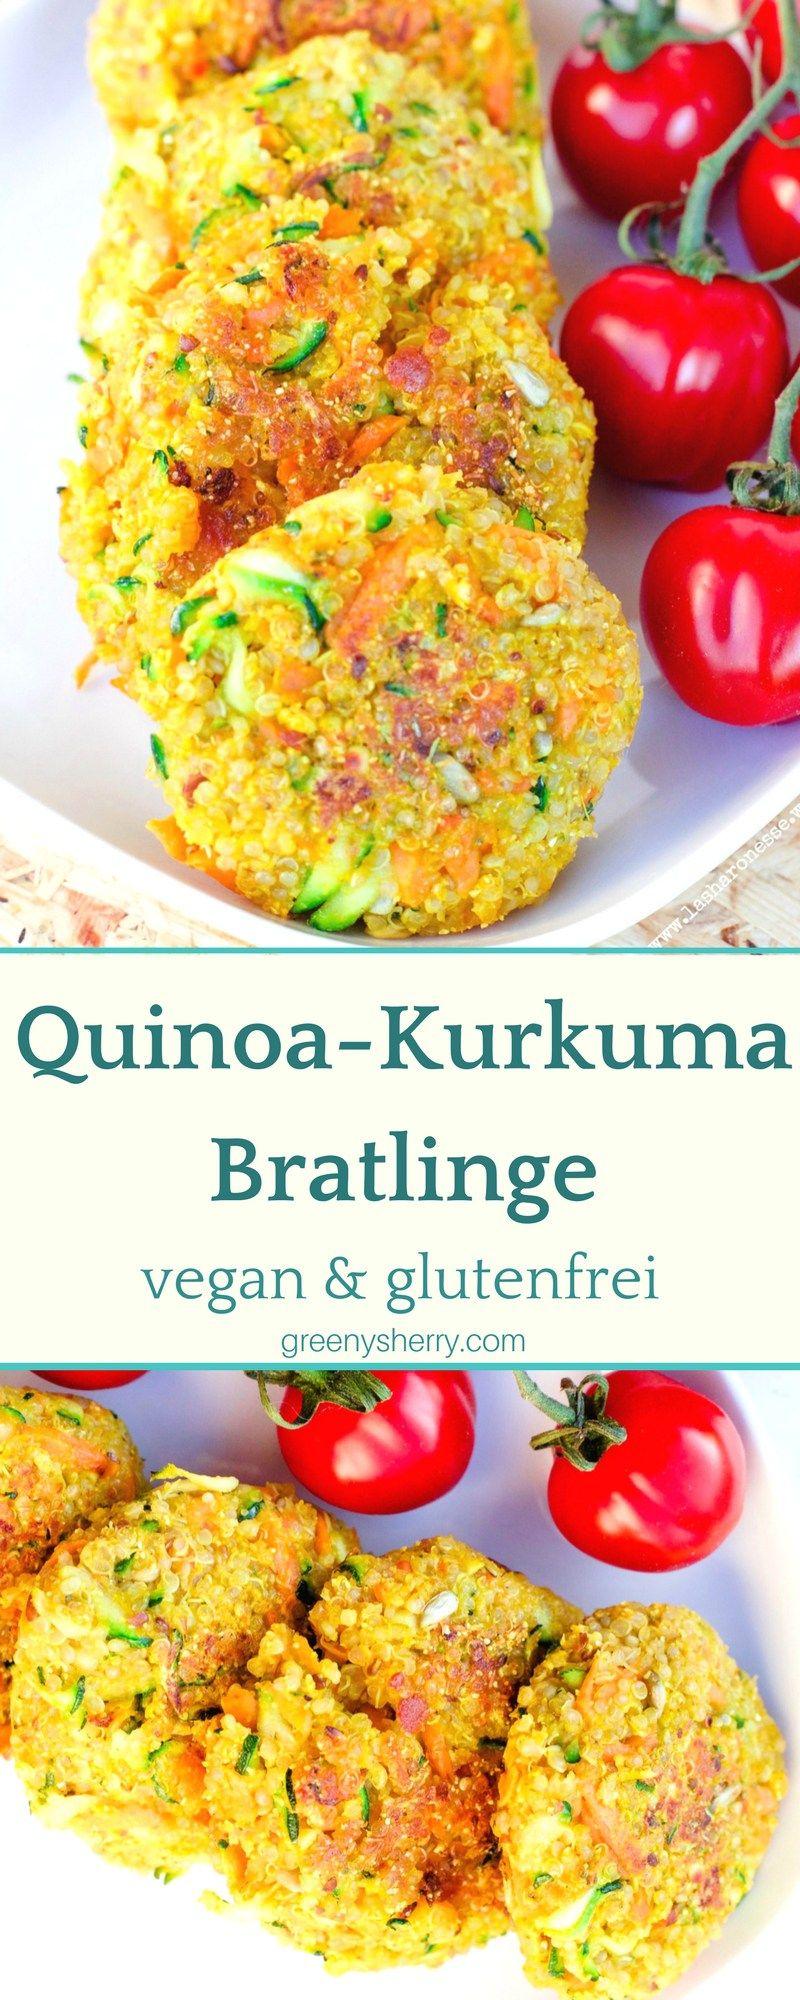 Knusprige QuinoaKurkuma Bratlinge vegan glutenfrei veggie